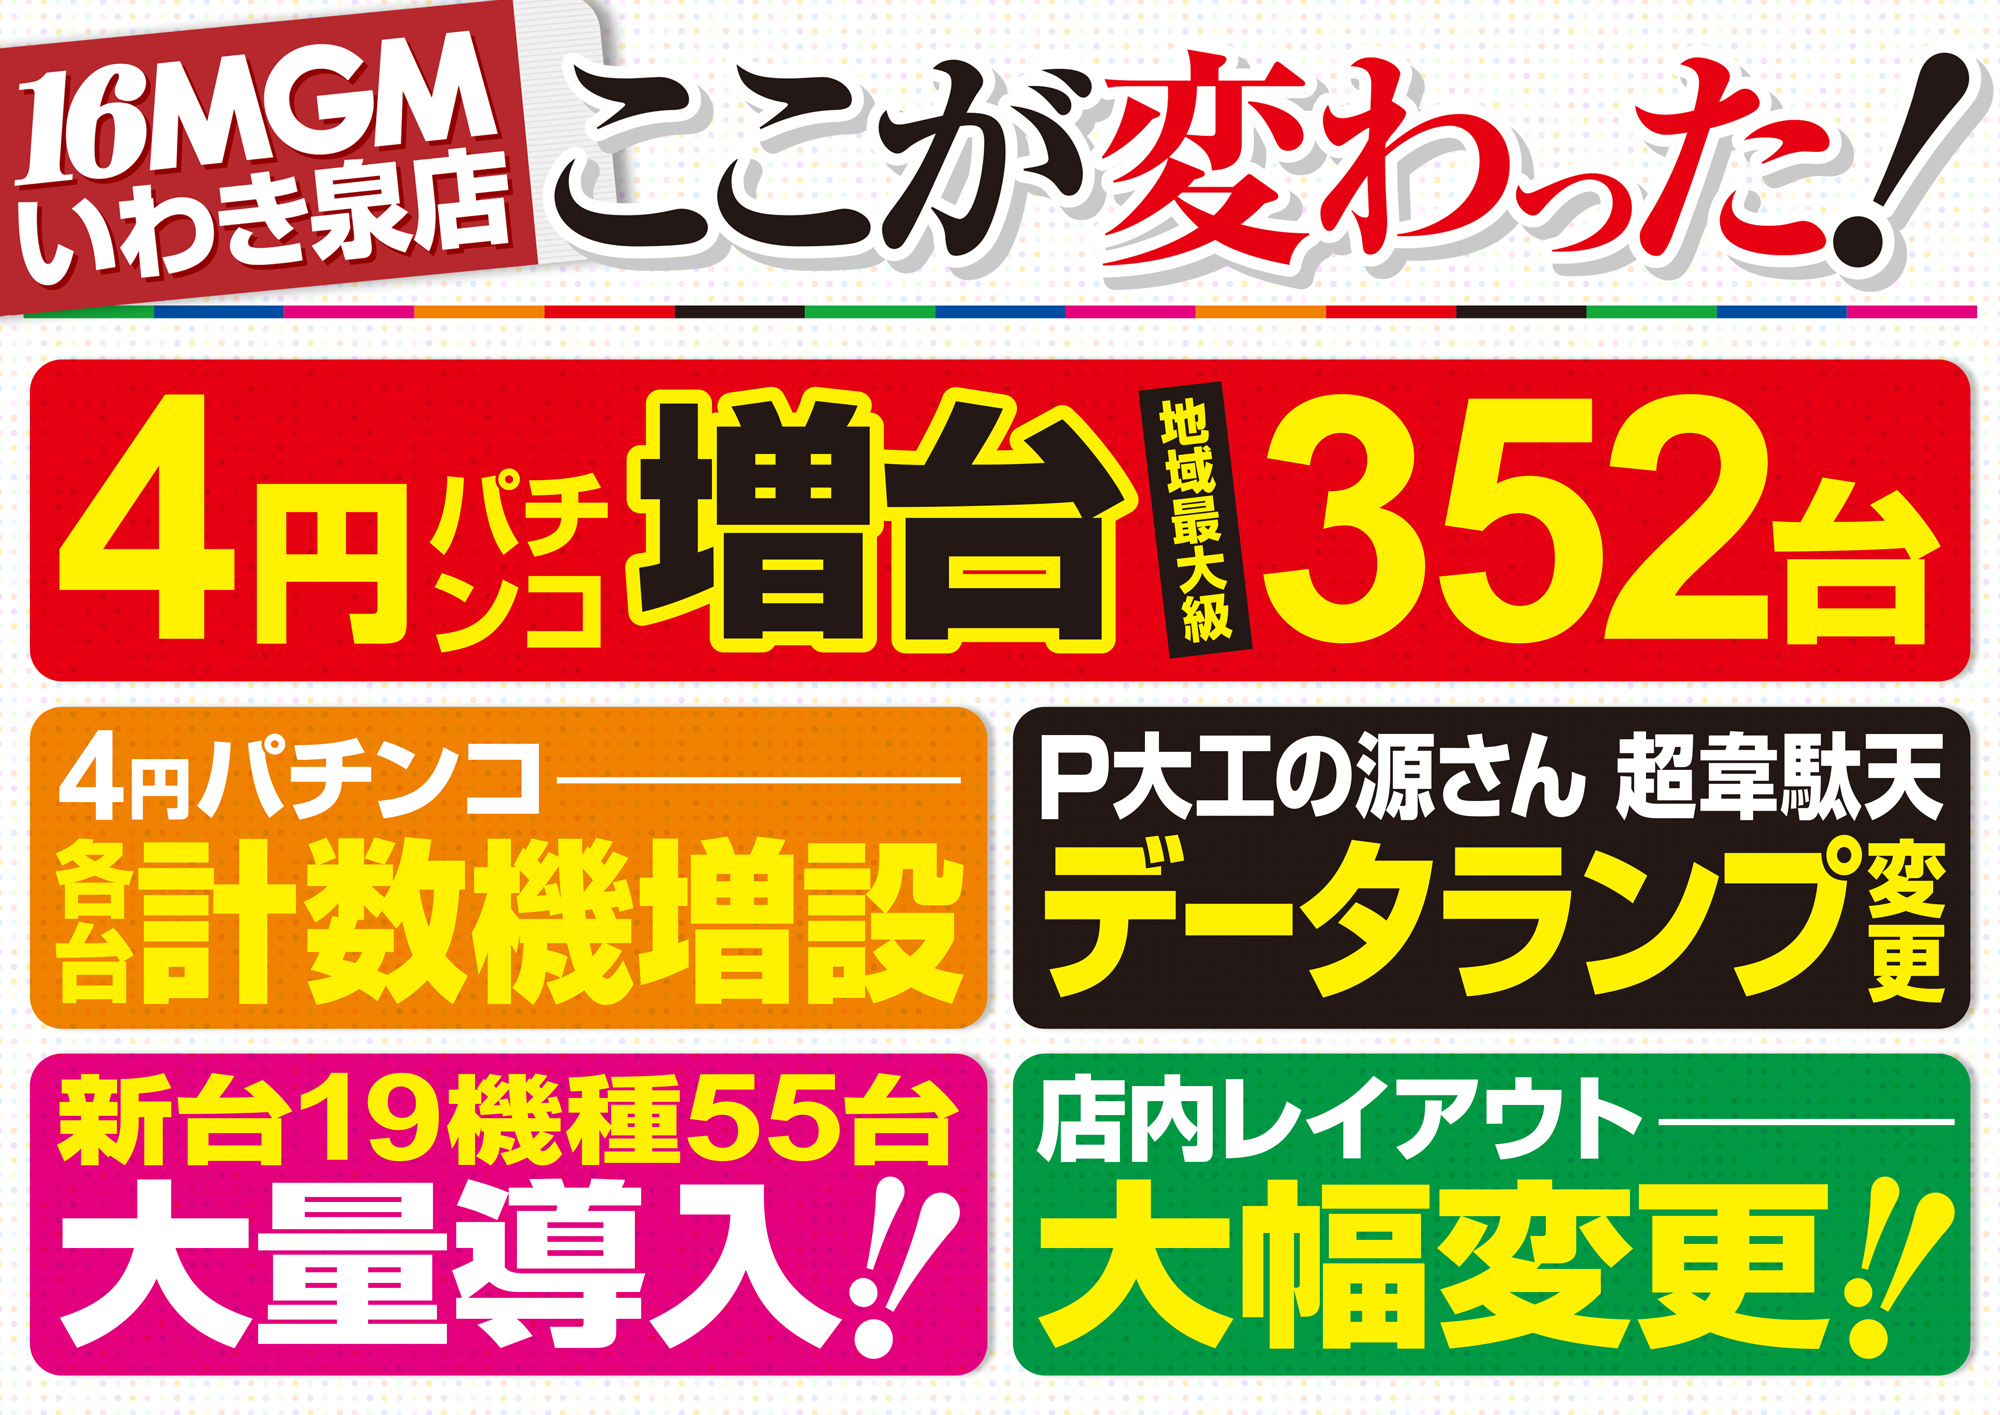 【4円パチンコ増台】